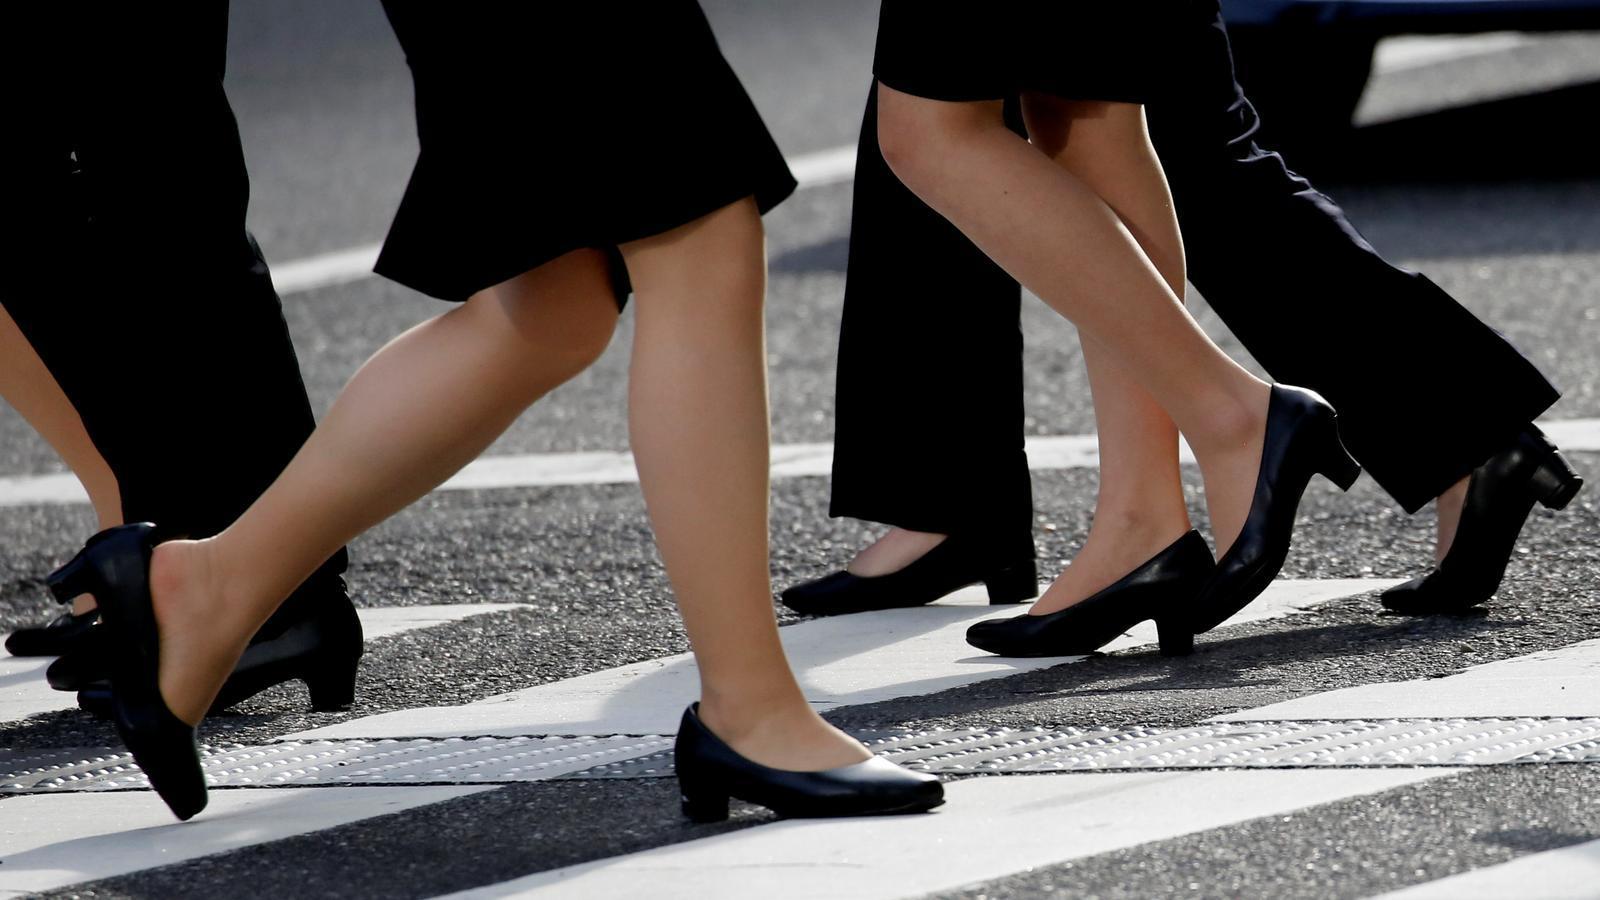 Les japoneses fan  un #MeToo contra l'obligació dels talons alts a la feina